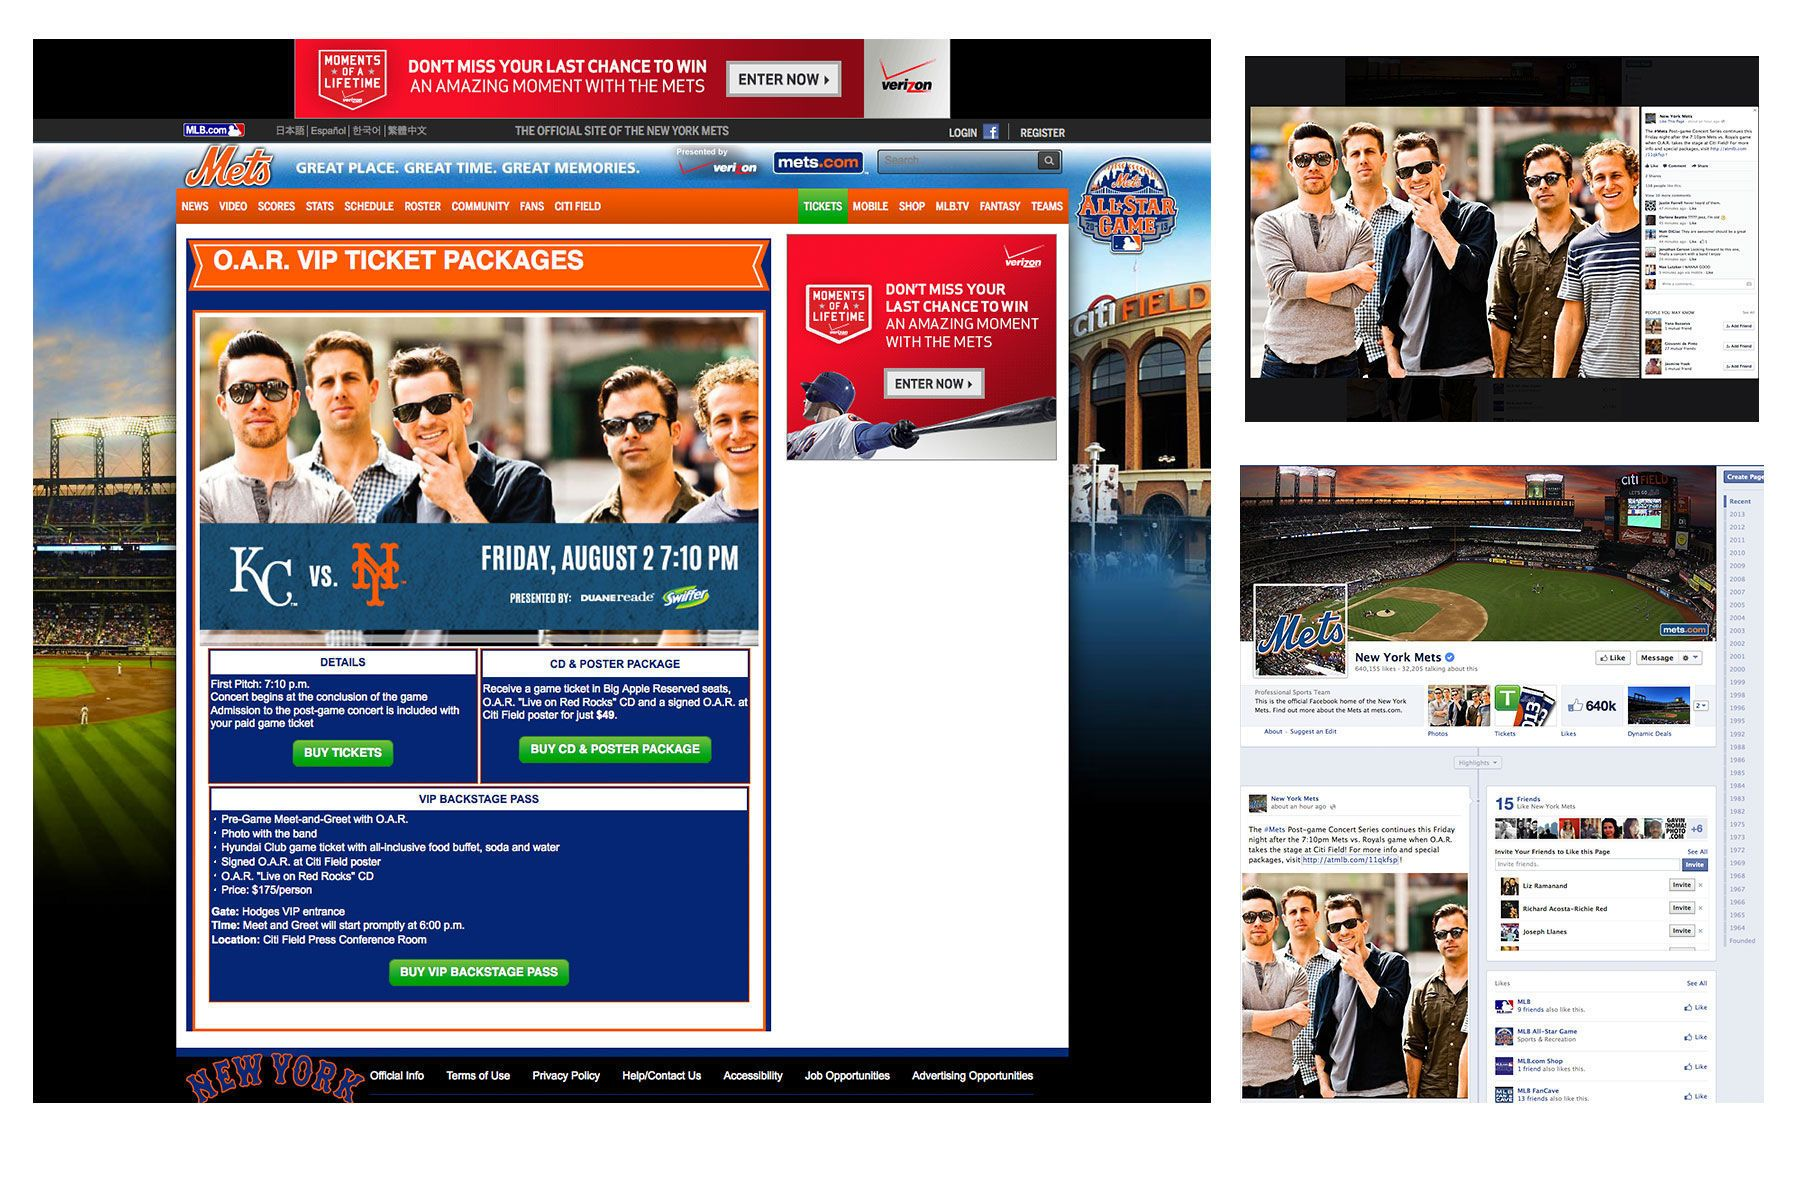 20_0_652_1r628_1oar_website.jpg